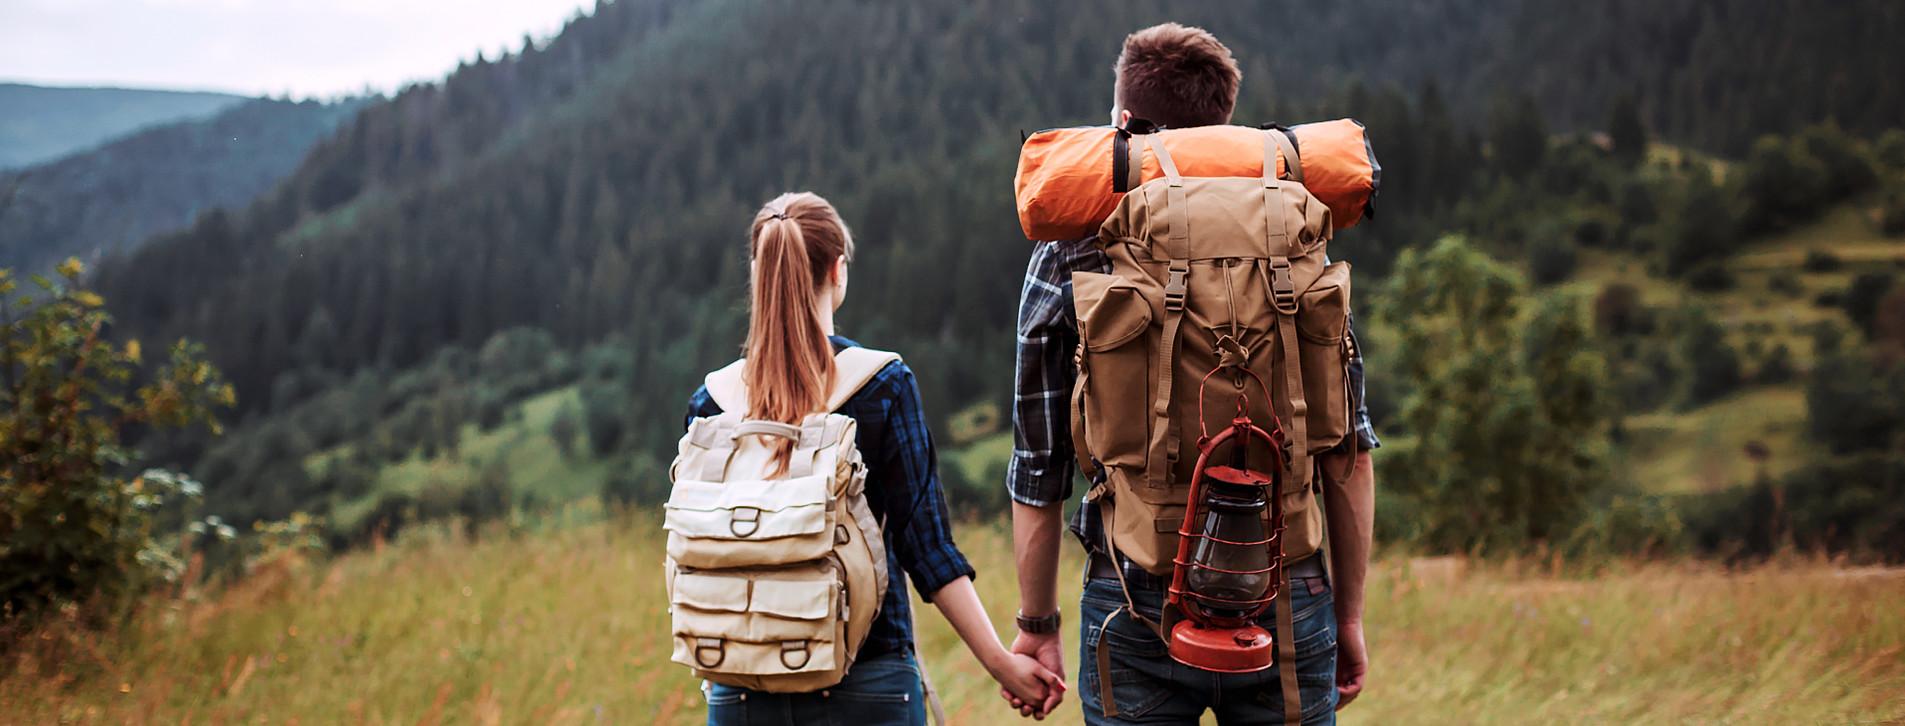 Фото 1 - Поход в Карпатские горы для двоих